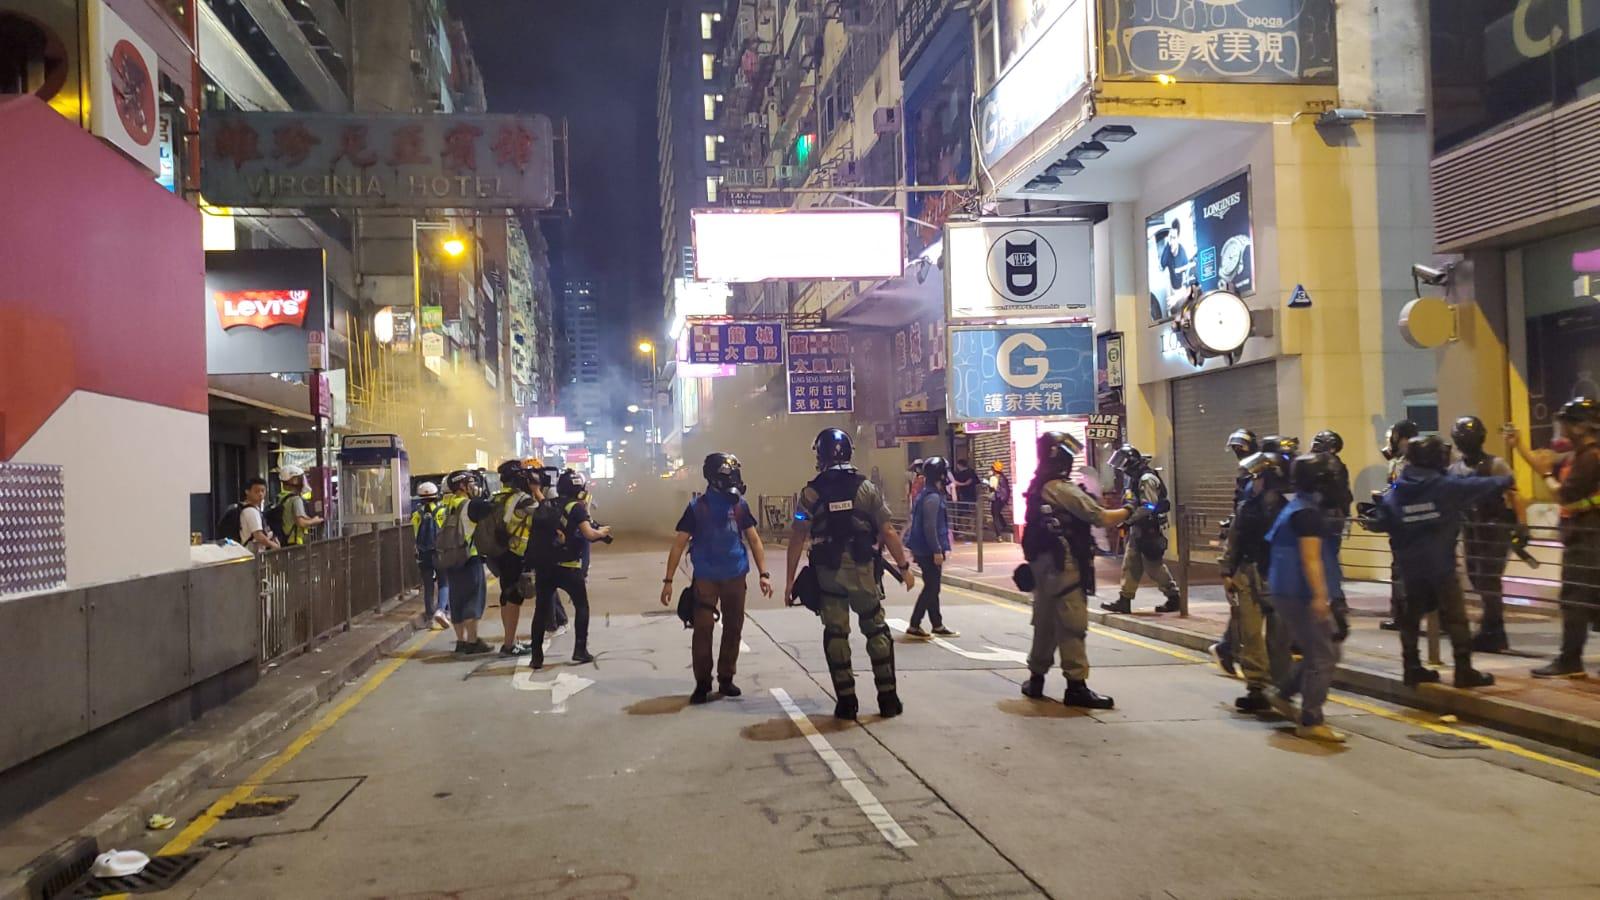 【修例風波】示威者投擲汽油彈 警方斥暴徒阻救火社會不容